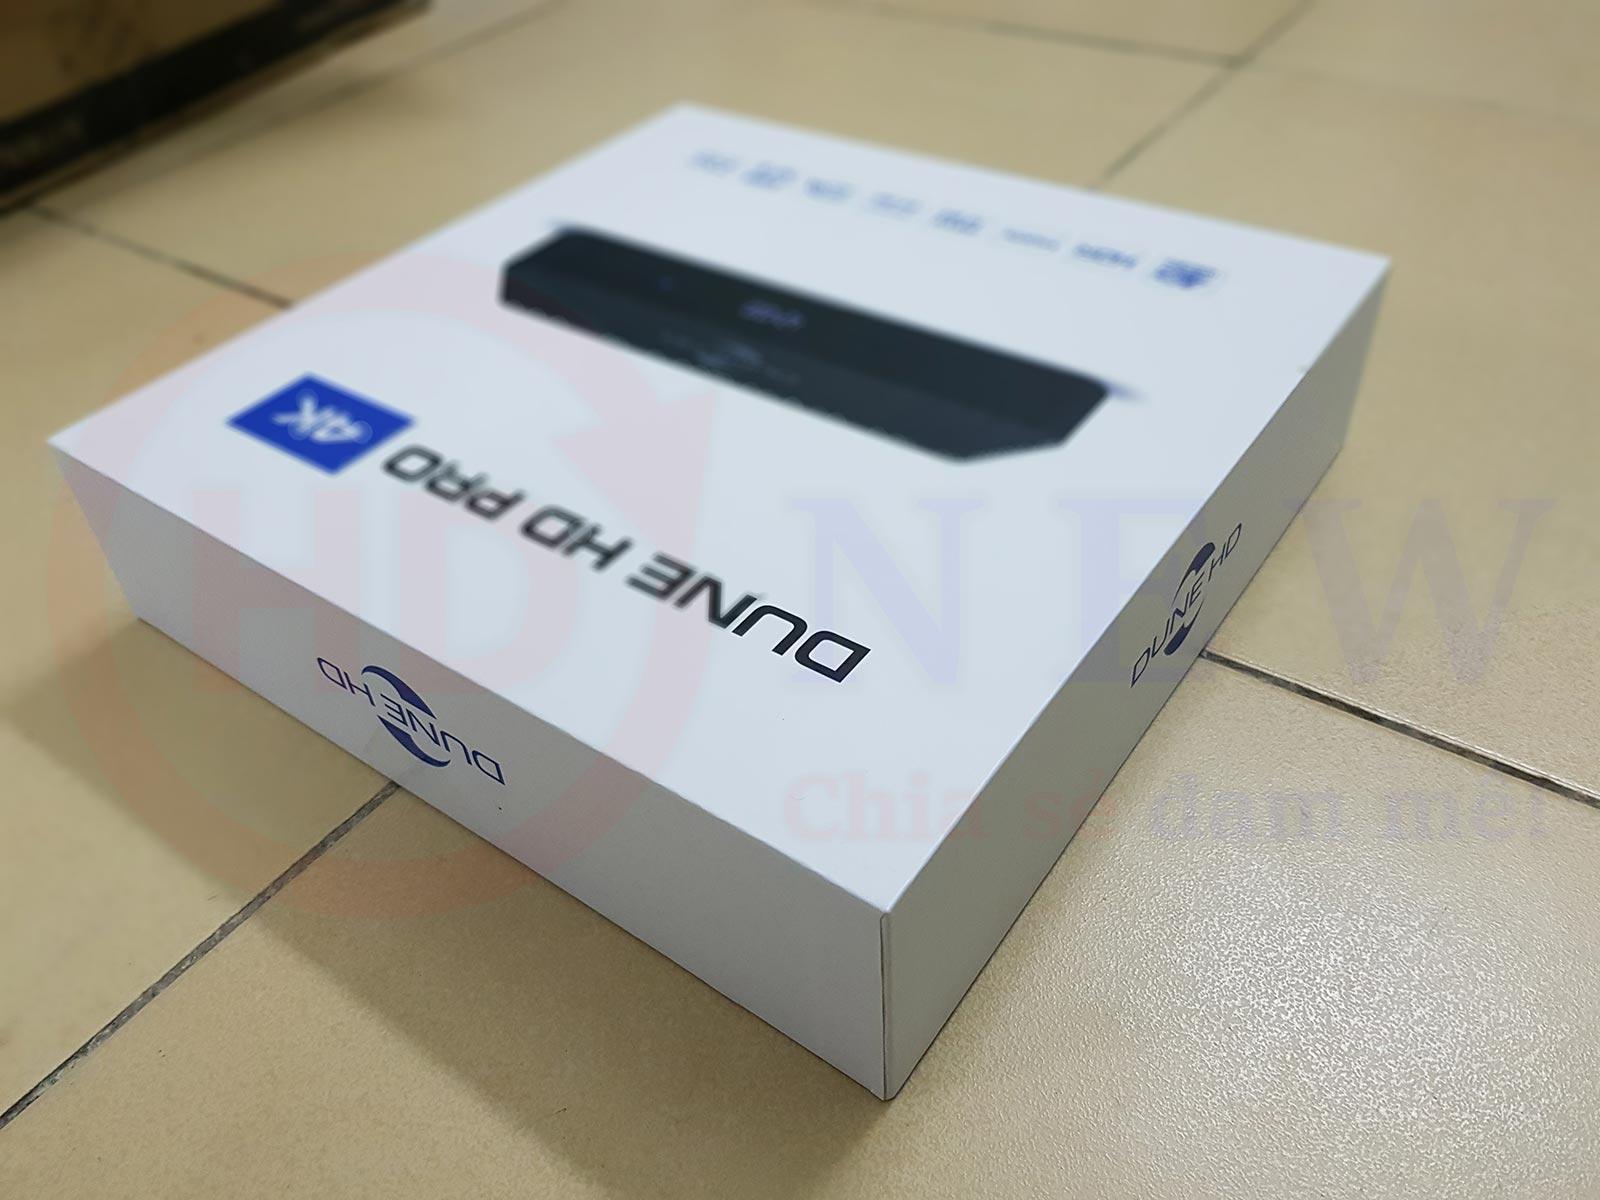 Mở hộp và trải nghiệm Dune HD Pro 4K | HDnew - Chia sẻ đam mê